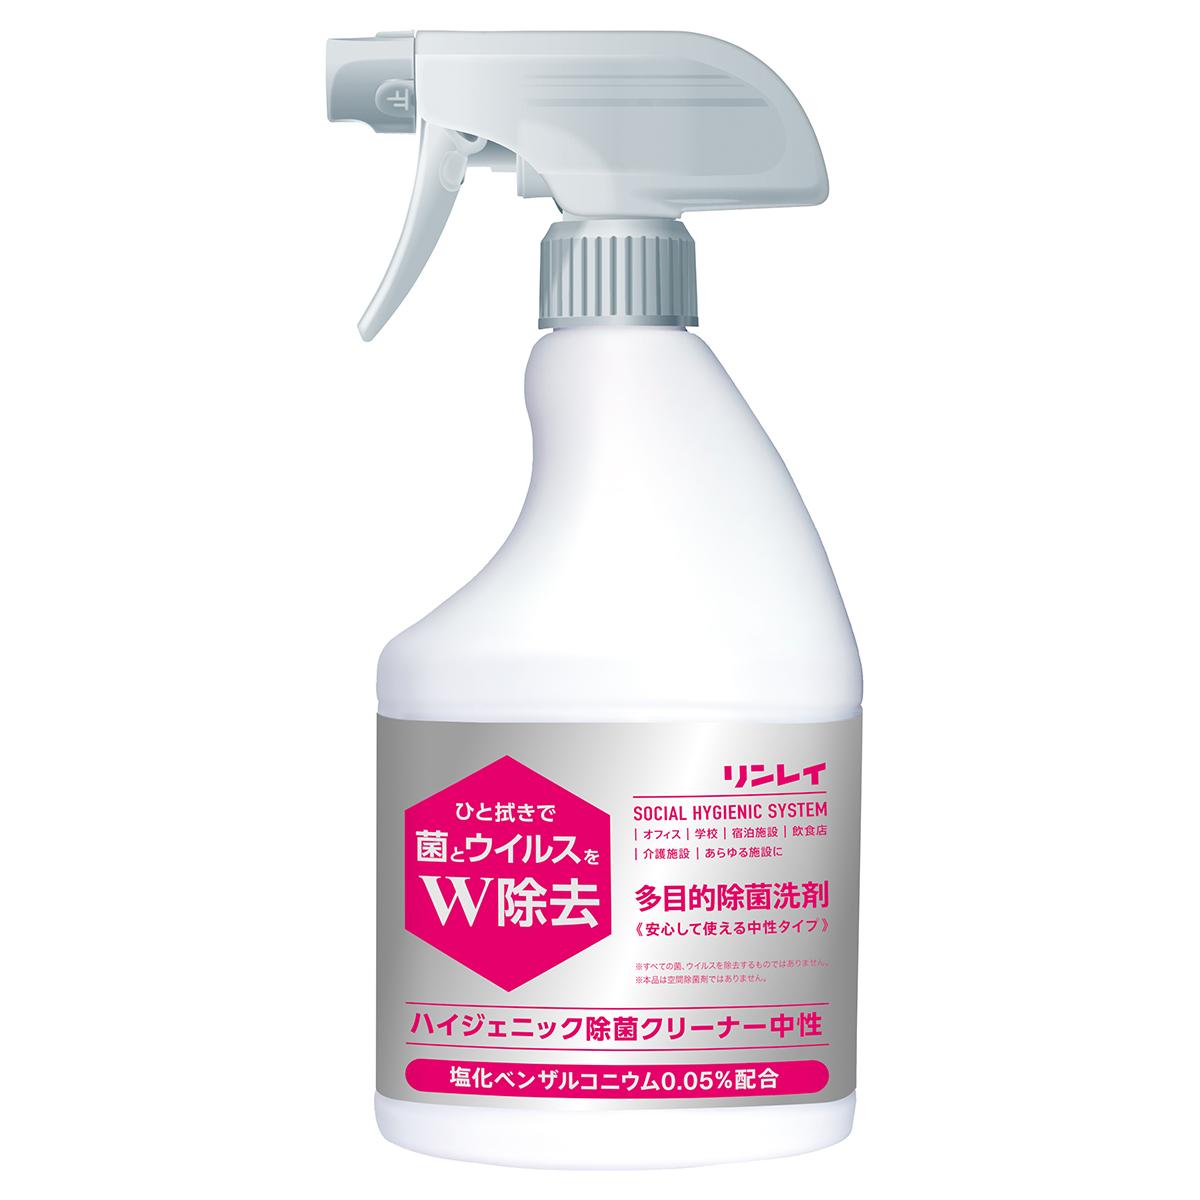 リンレイ ハイジェニック除菌クリーナー中性 450mL